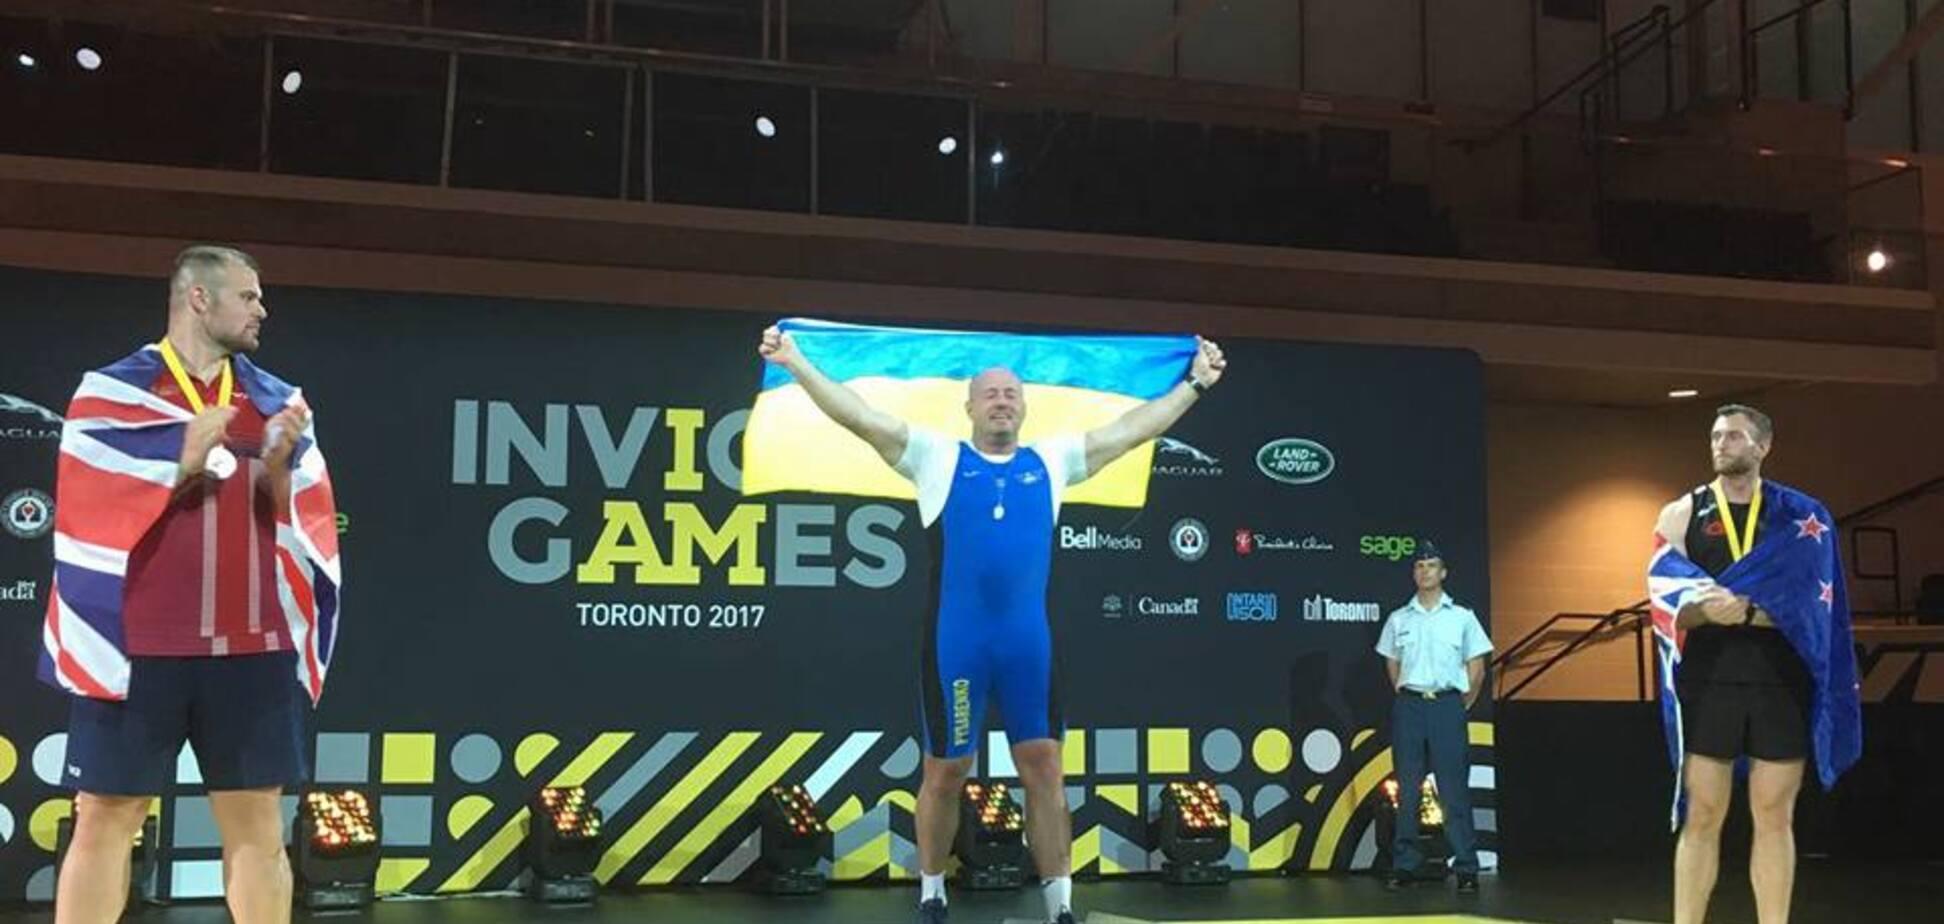 Украина добыла третье 'золото' на 'Играх непокоренных'